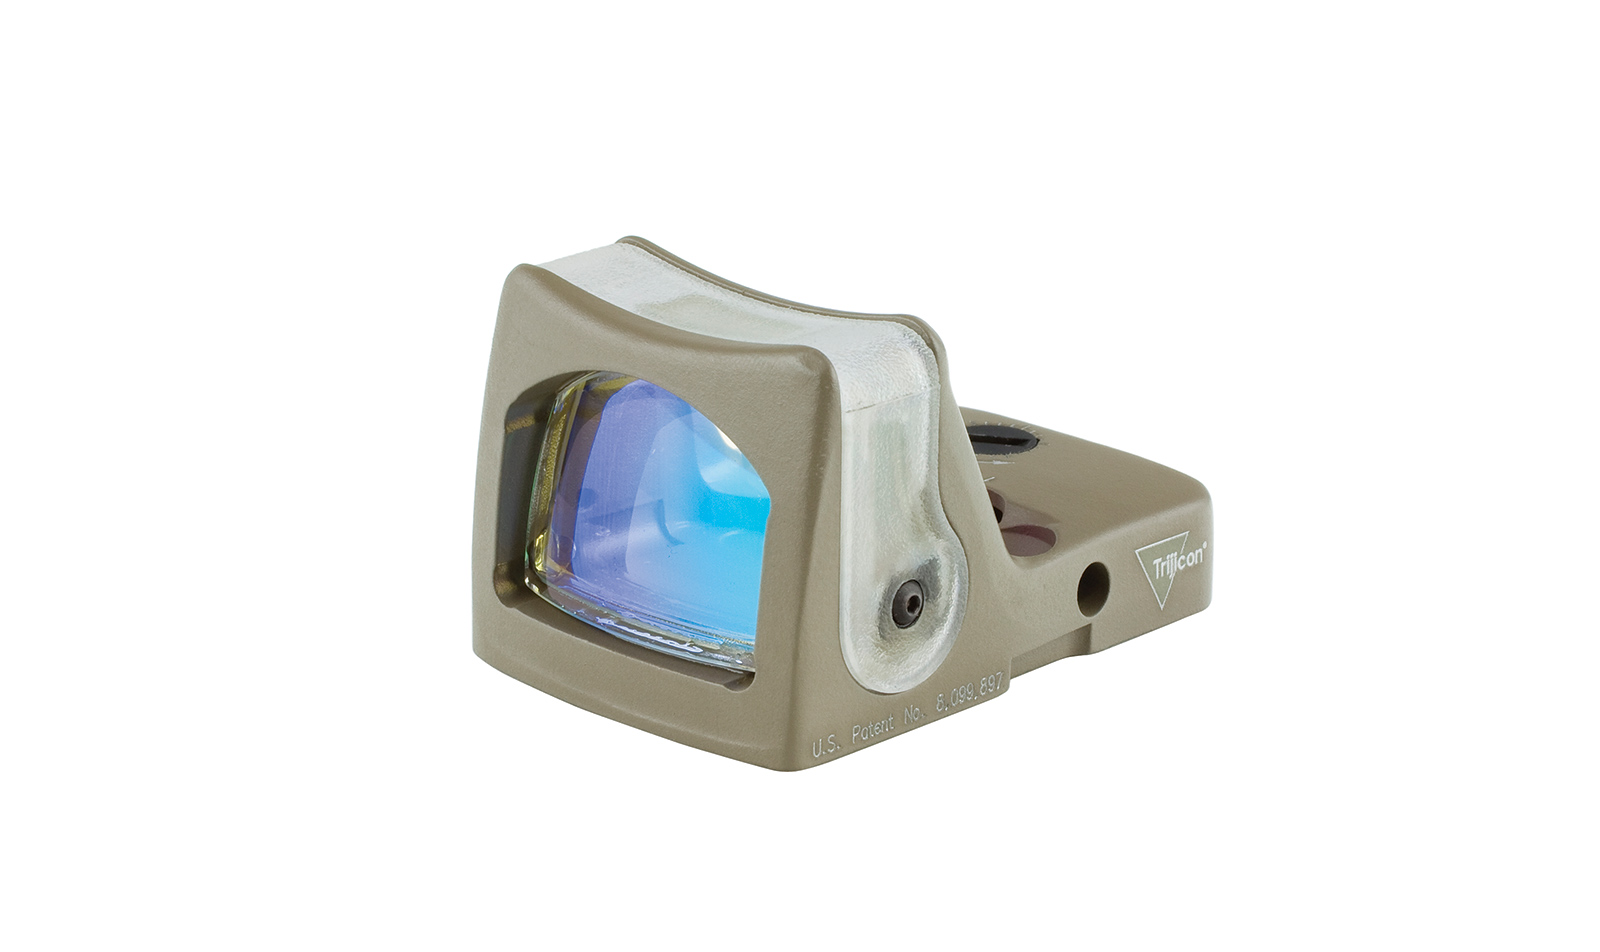 RM03-C-700144 angle 1